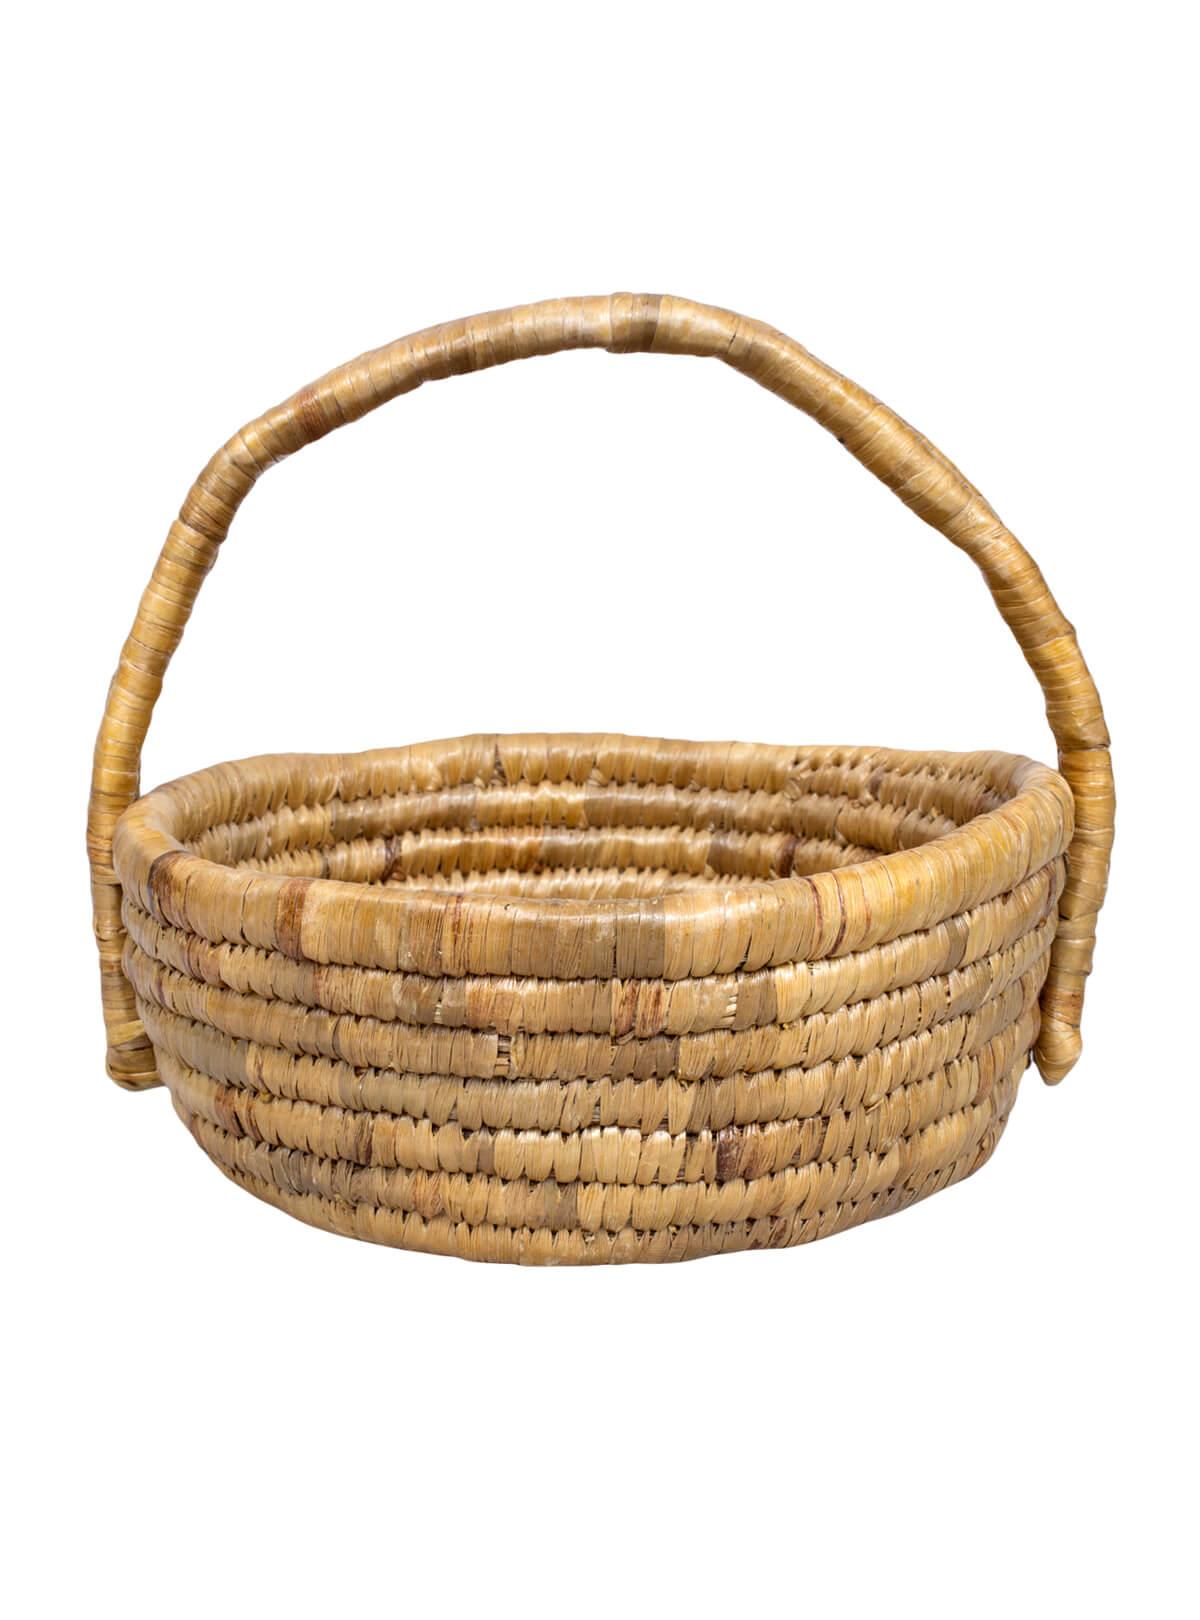 Water Hyacinth Fruit & Flower Basket